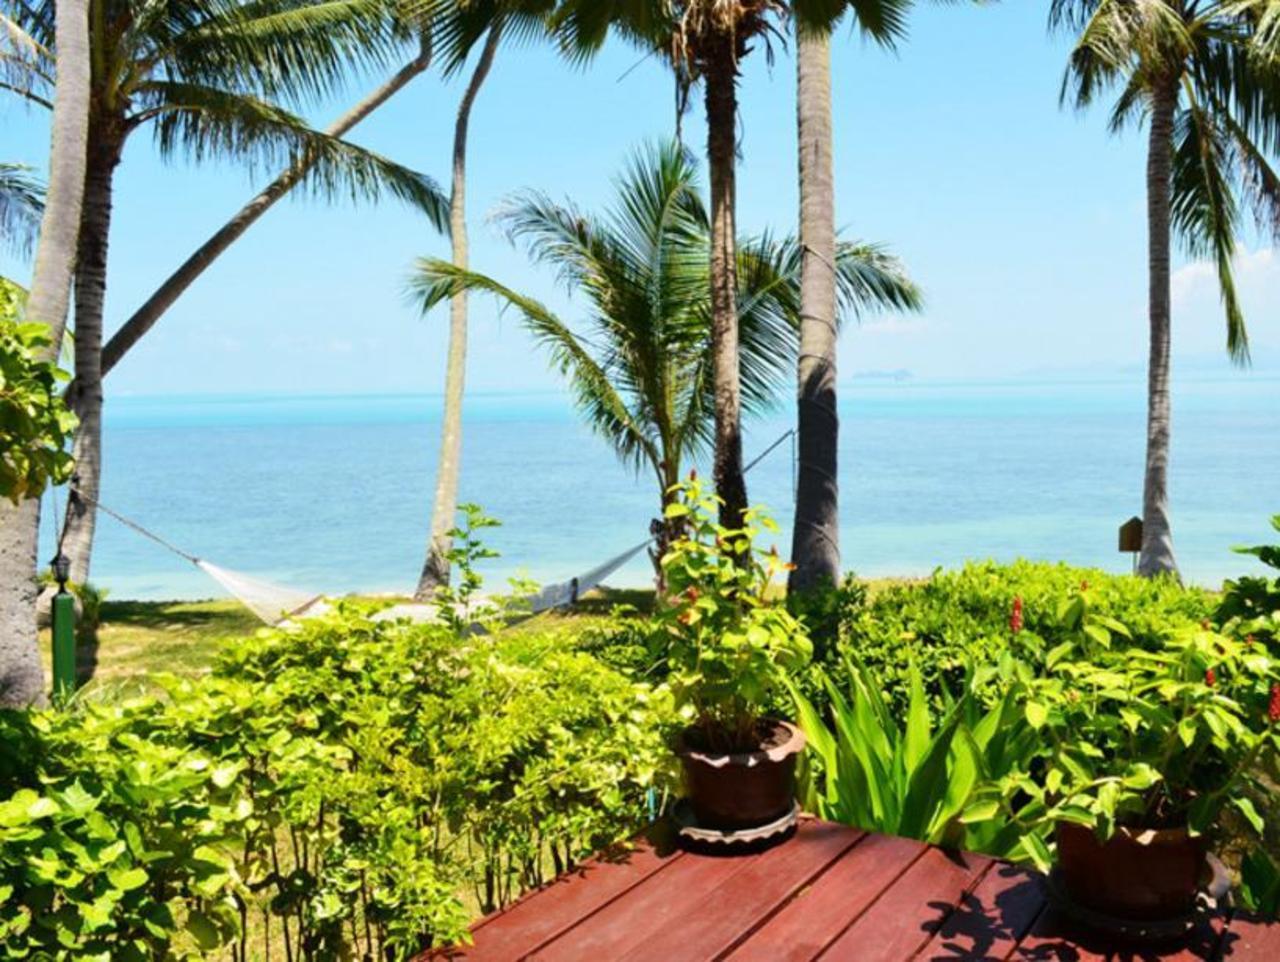 กรีน โคโคนัท 3 เบดรูม บีช ฟรอนต์ วิลลา เอ 9 (Green Coconut 3 Bedroom Beach Front Villa A9)